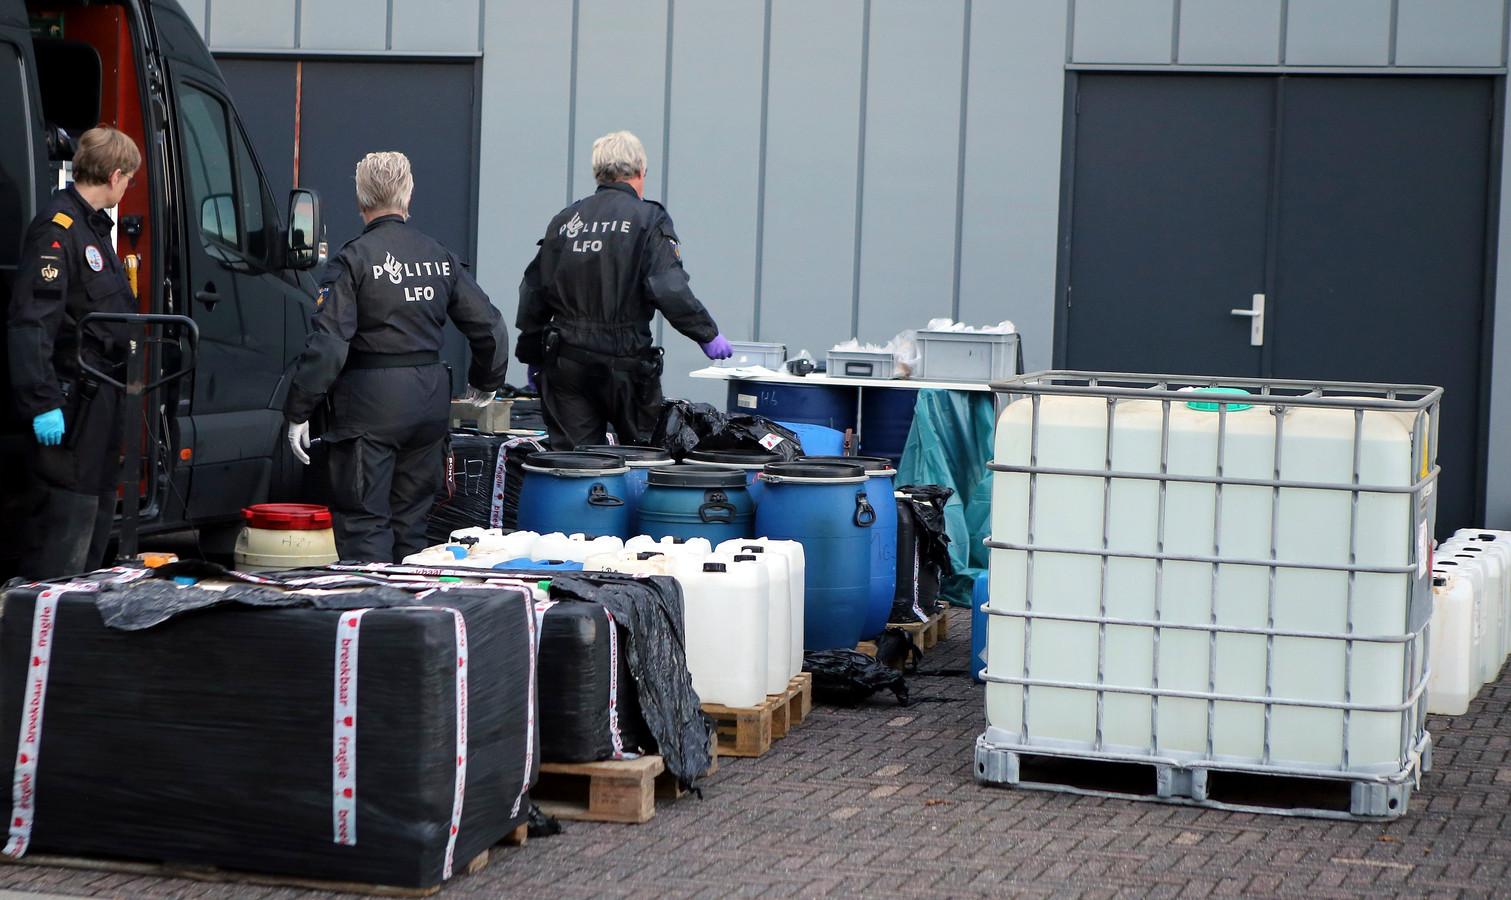 Specialisten van de politie druk doende om de chemicaliën en andere spullen af te voeren van een XTC-lab.